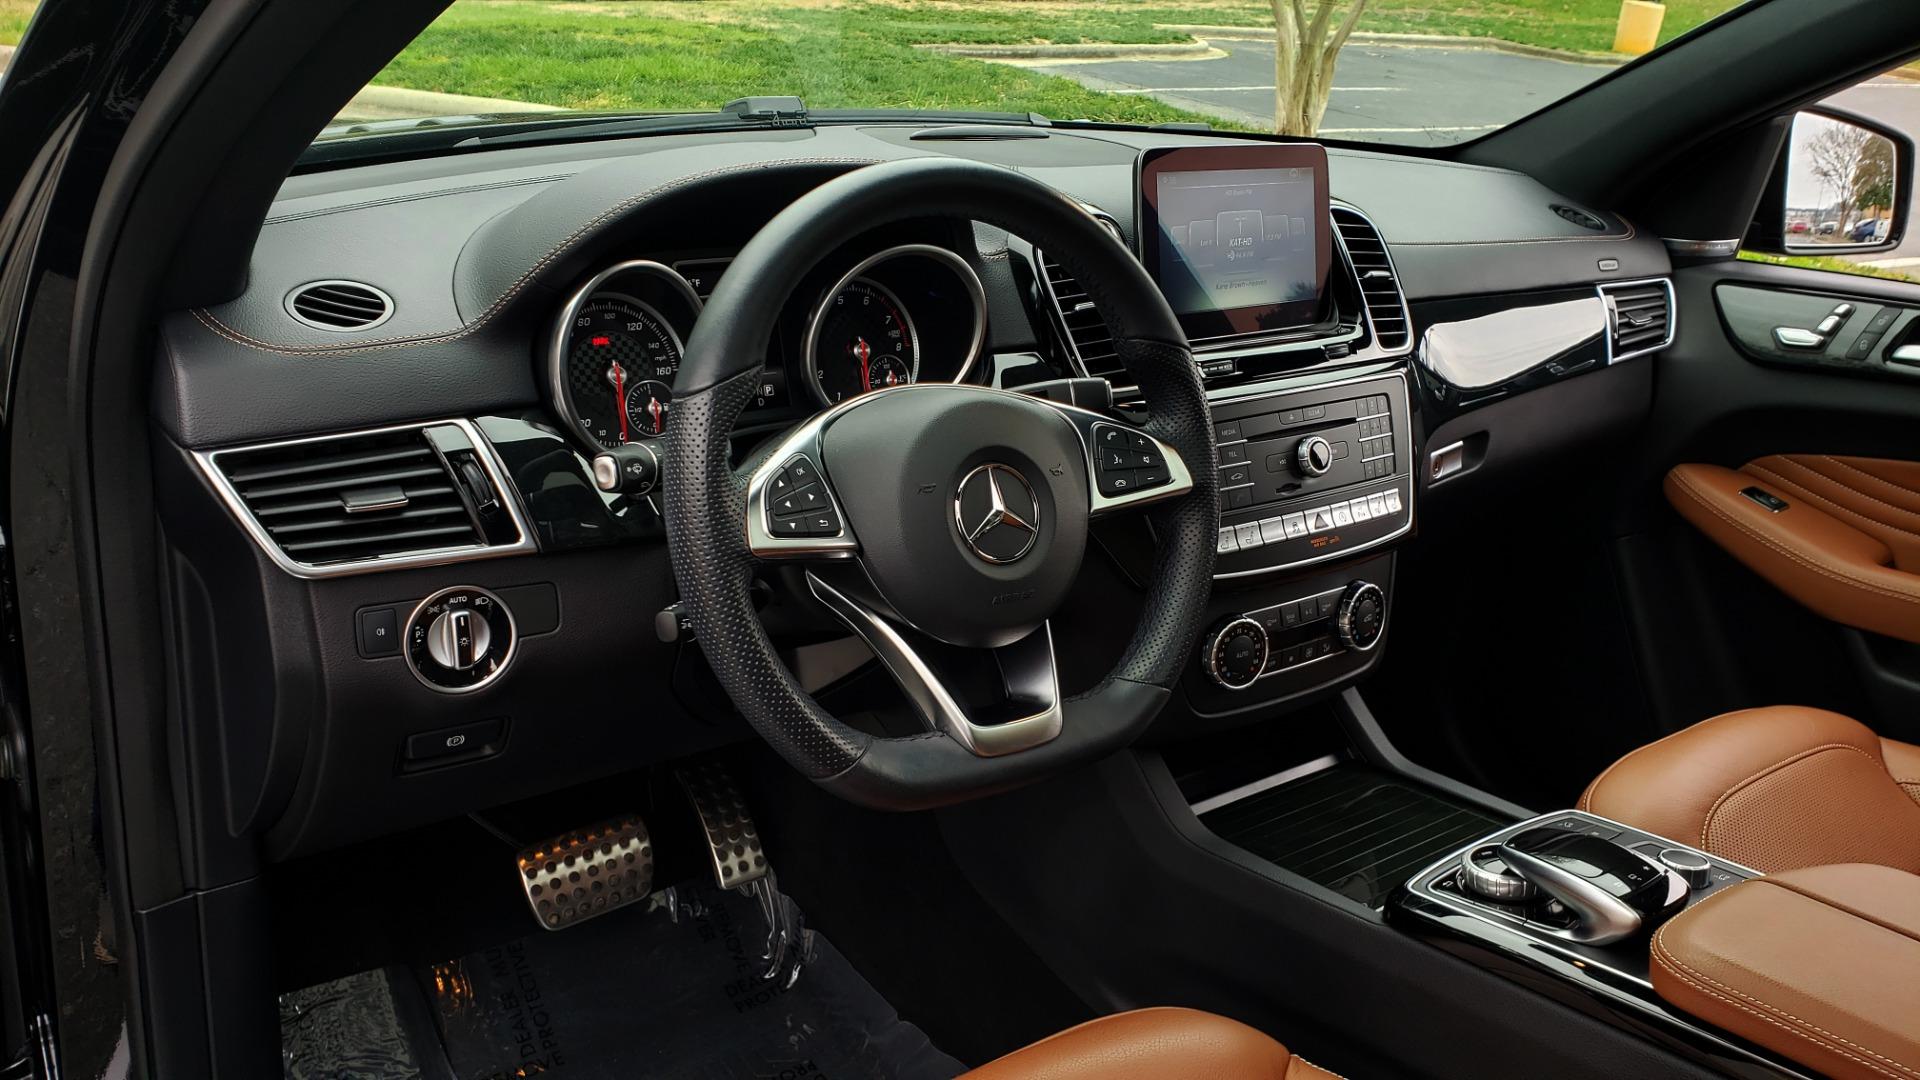 Used 2016 Mercedes-Benz GLE 450 AMG / AWD / PREM PKG / PARK ASST / DRVR ASST / SUNROOF for sale Sold at Formula Imports in Charlotte NC 28227 41